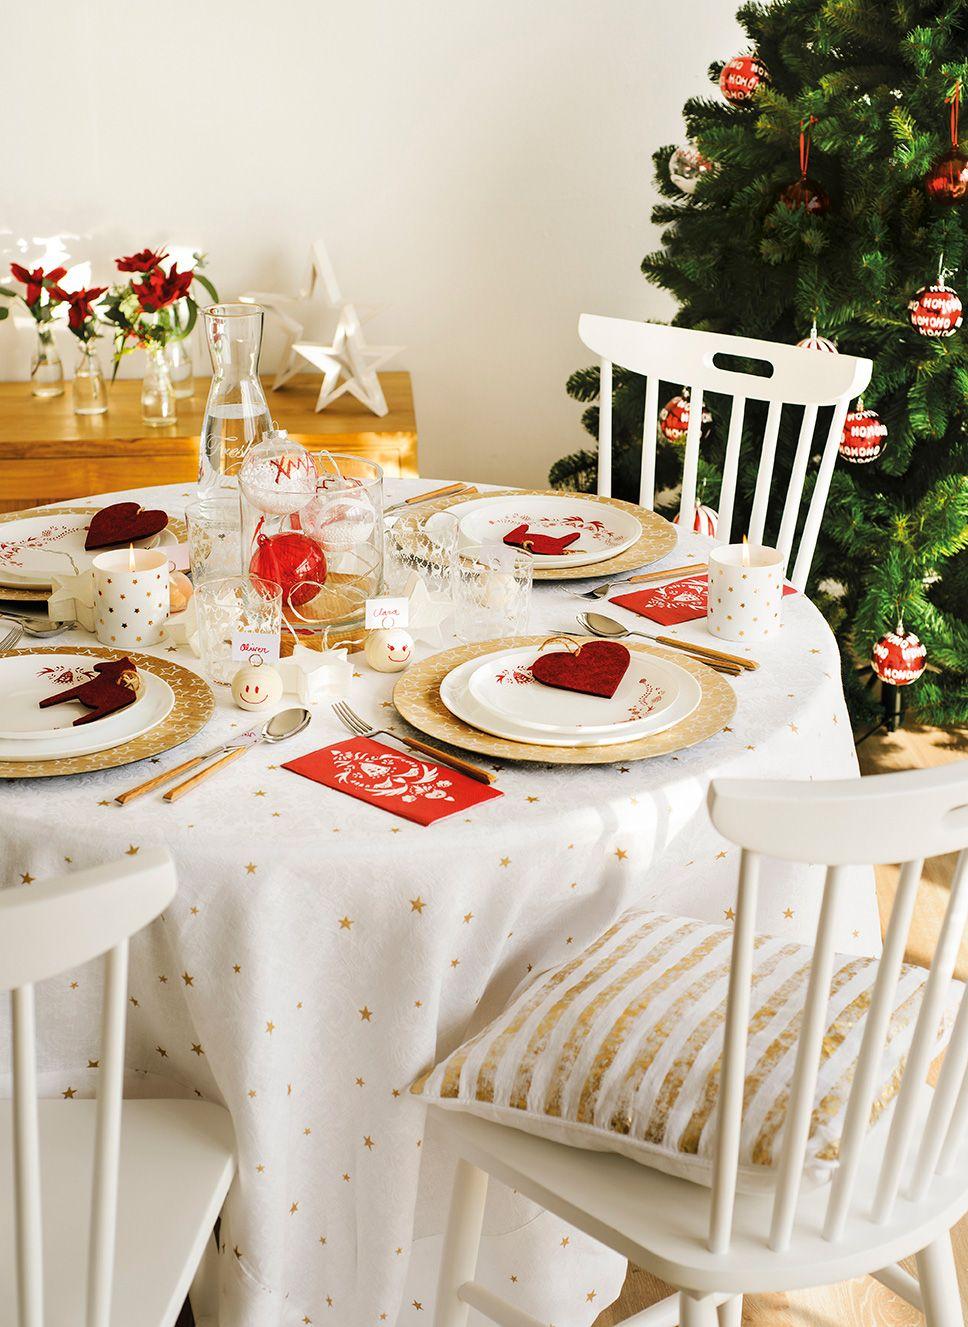 Un Reservado Muy Divertido Decorar Mesas De Navidad Mesa De Navidad Decoracion De Cocina